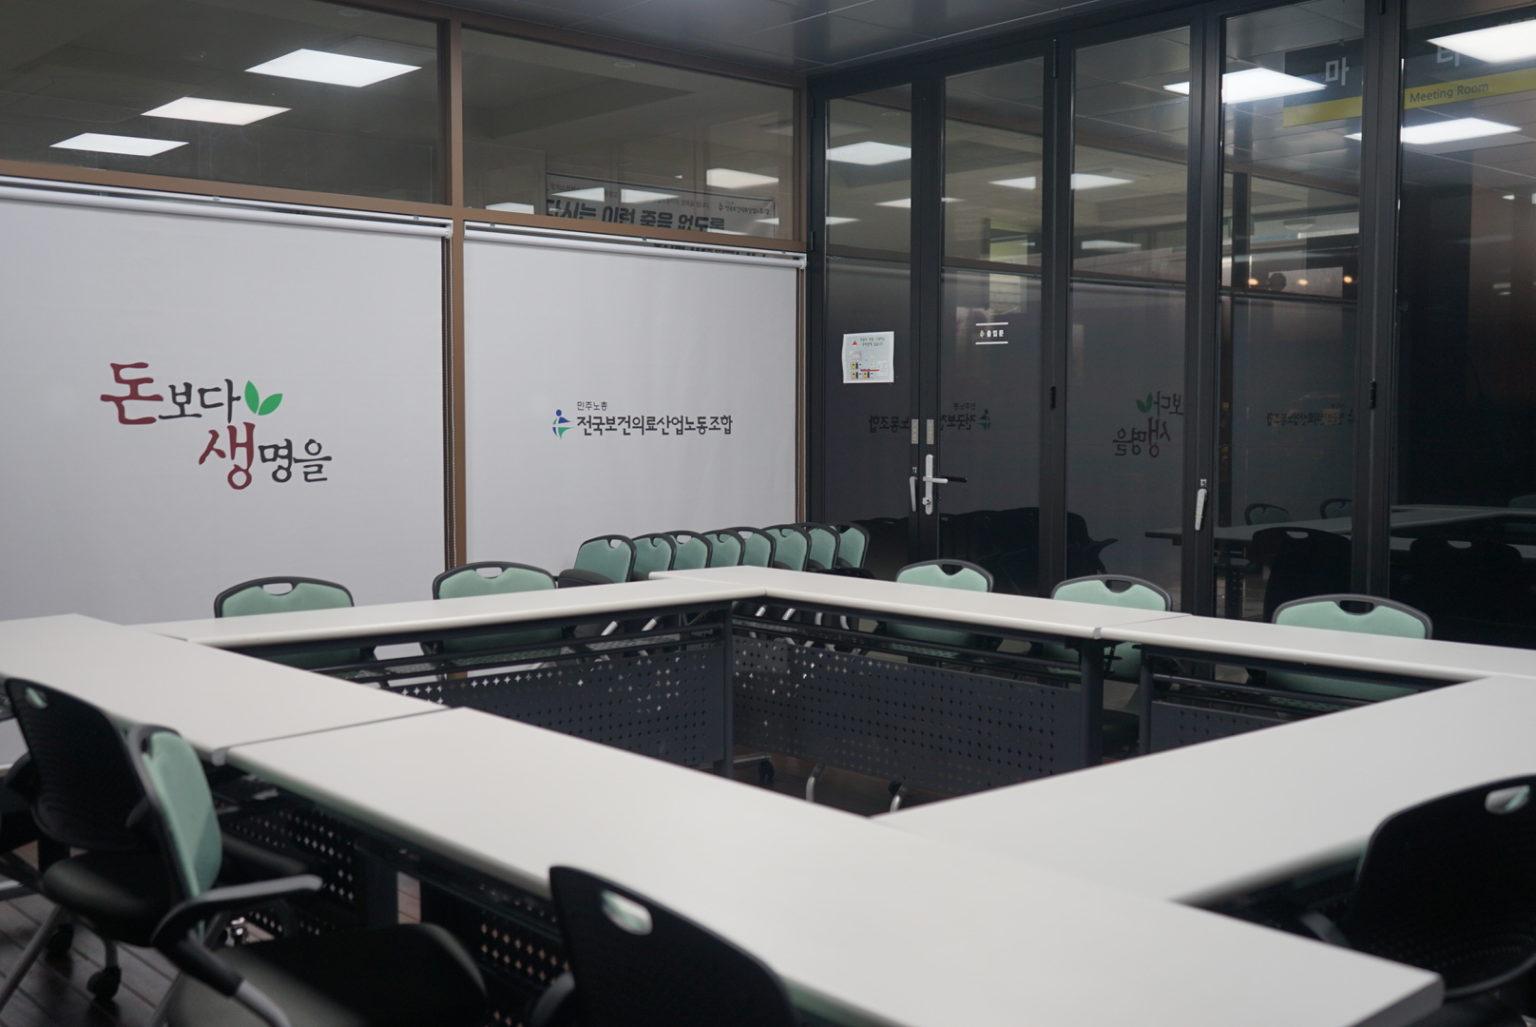 1층 마중터1층에 위치한 마중터는 20여석 소규모 회의실입니다.